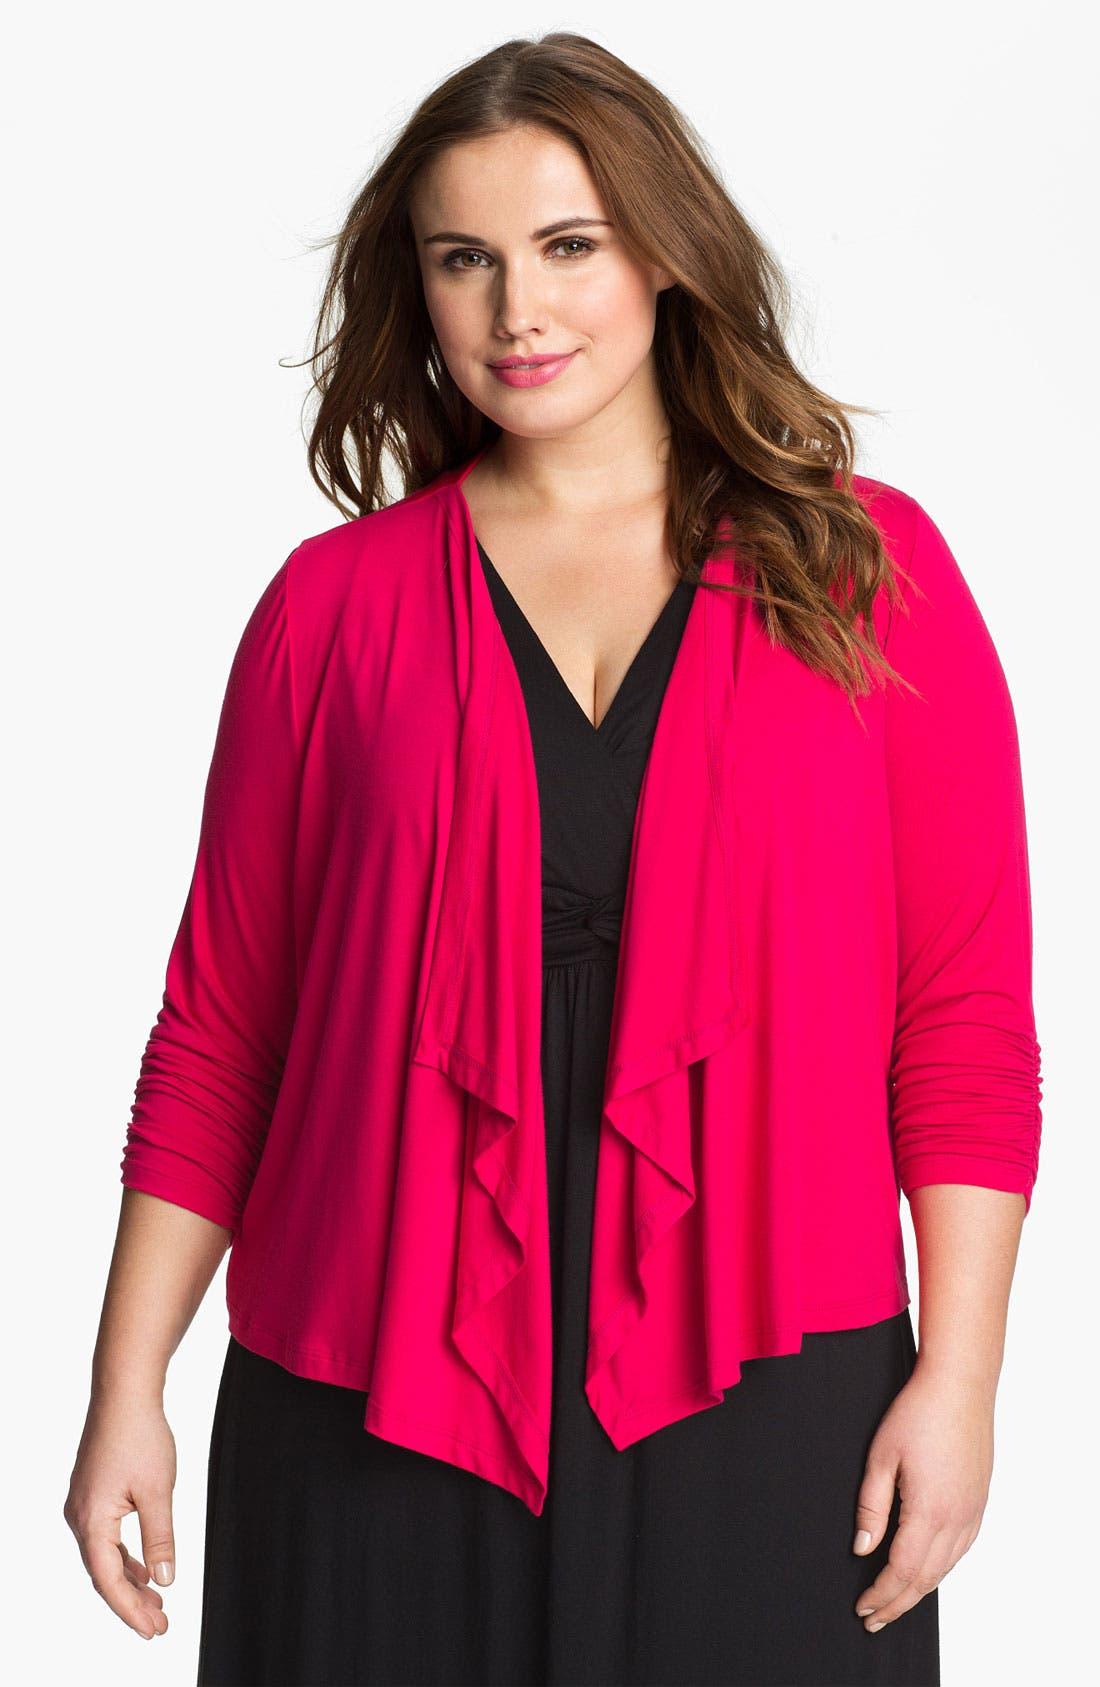 Alternate Image 1 Selected - Karen Kane Shirred Sleeve Draped Cardigan (Plus) (Online Only)